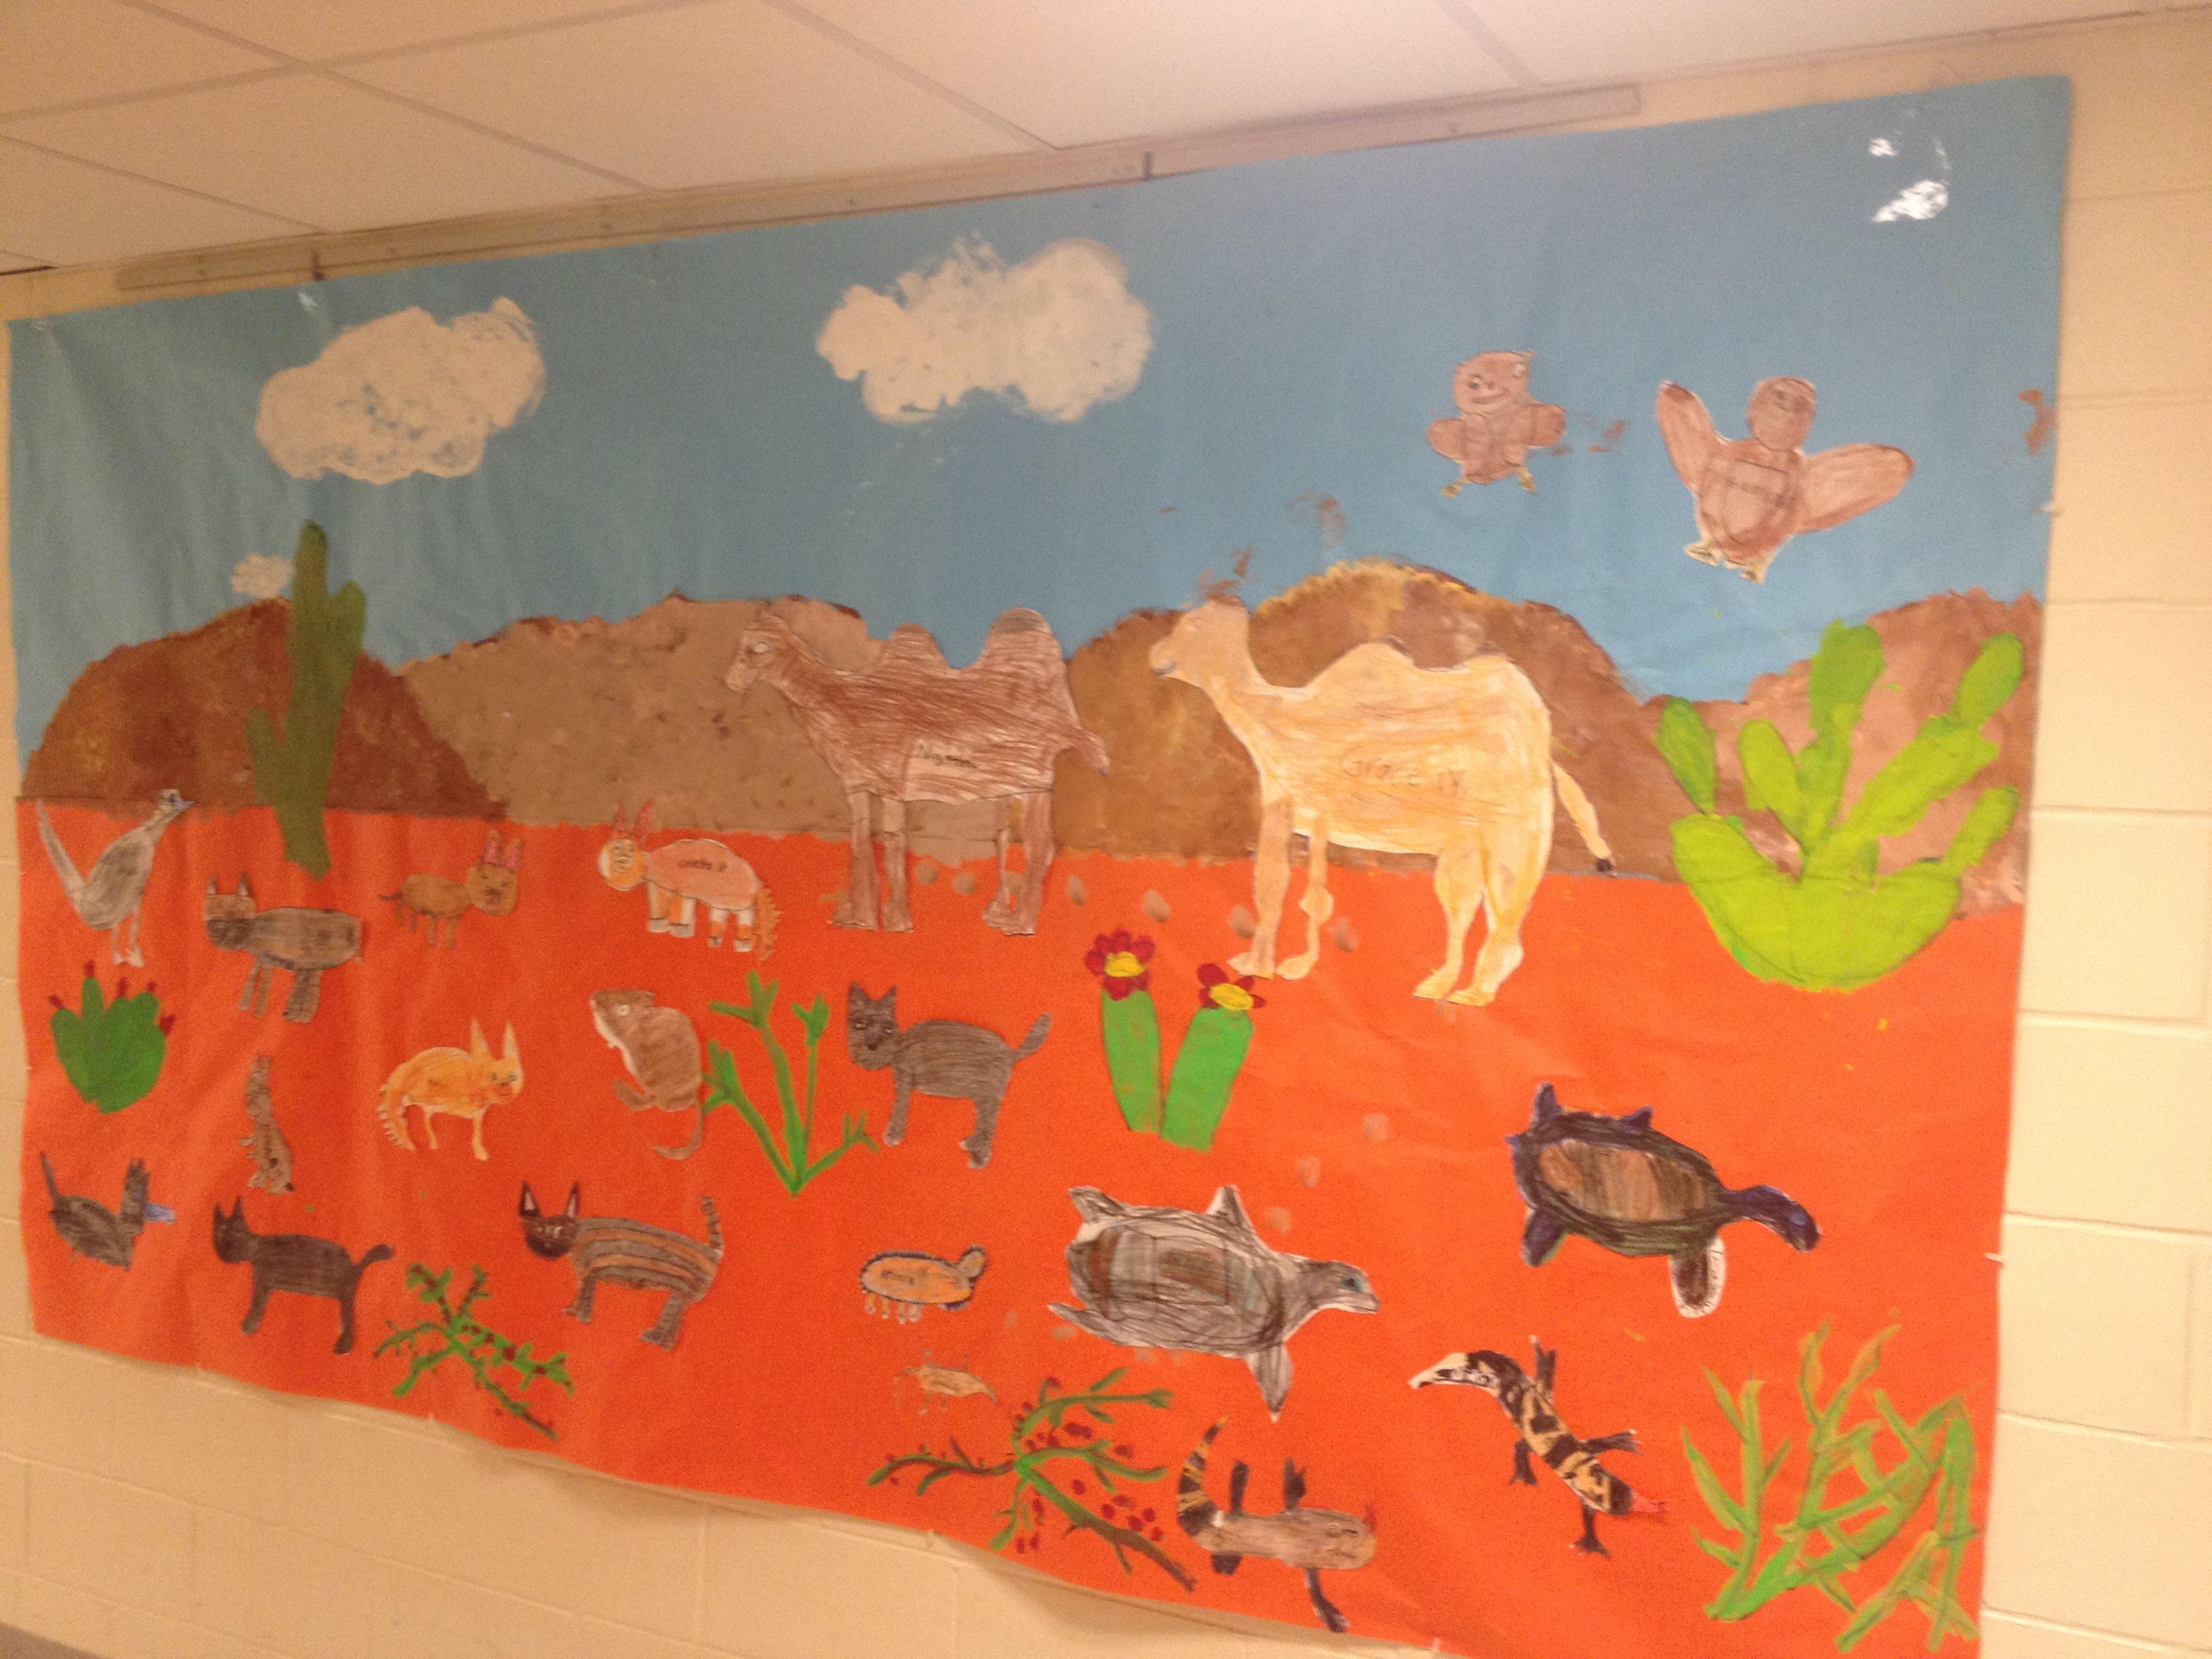 Desert Habitat Mural Animal mural, Desert animals